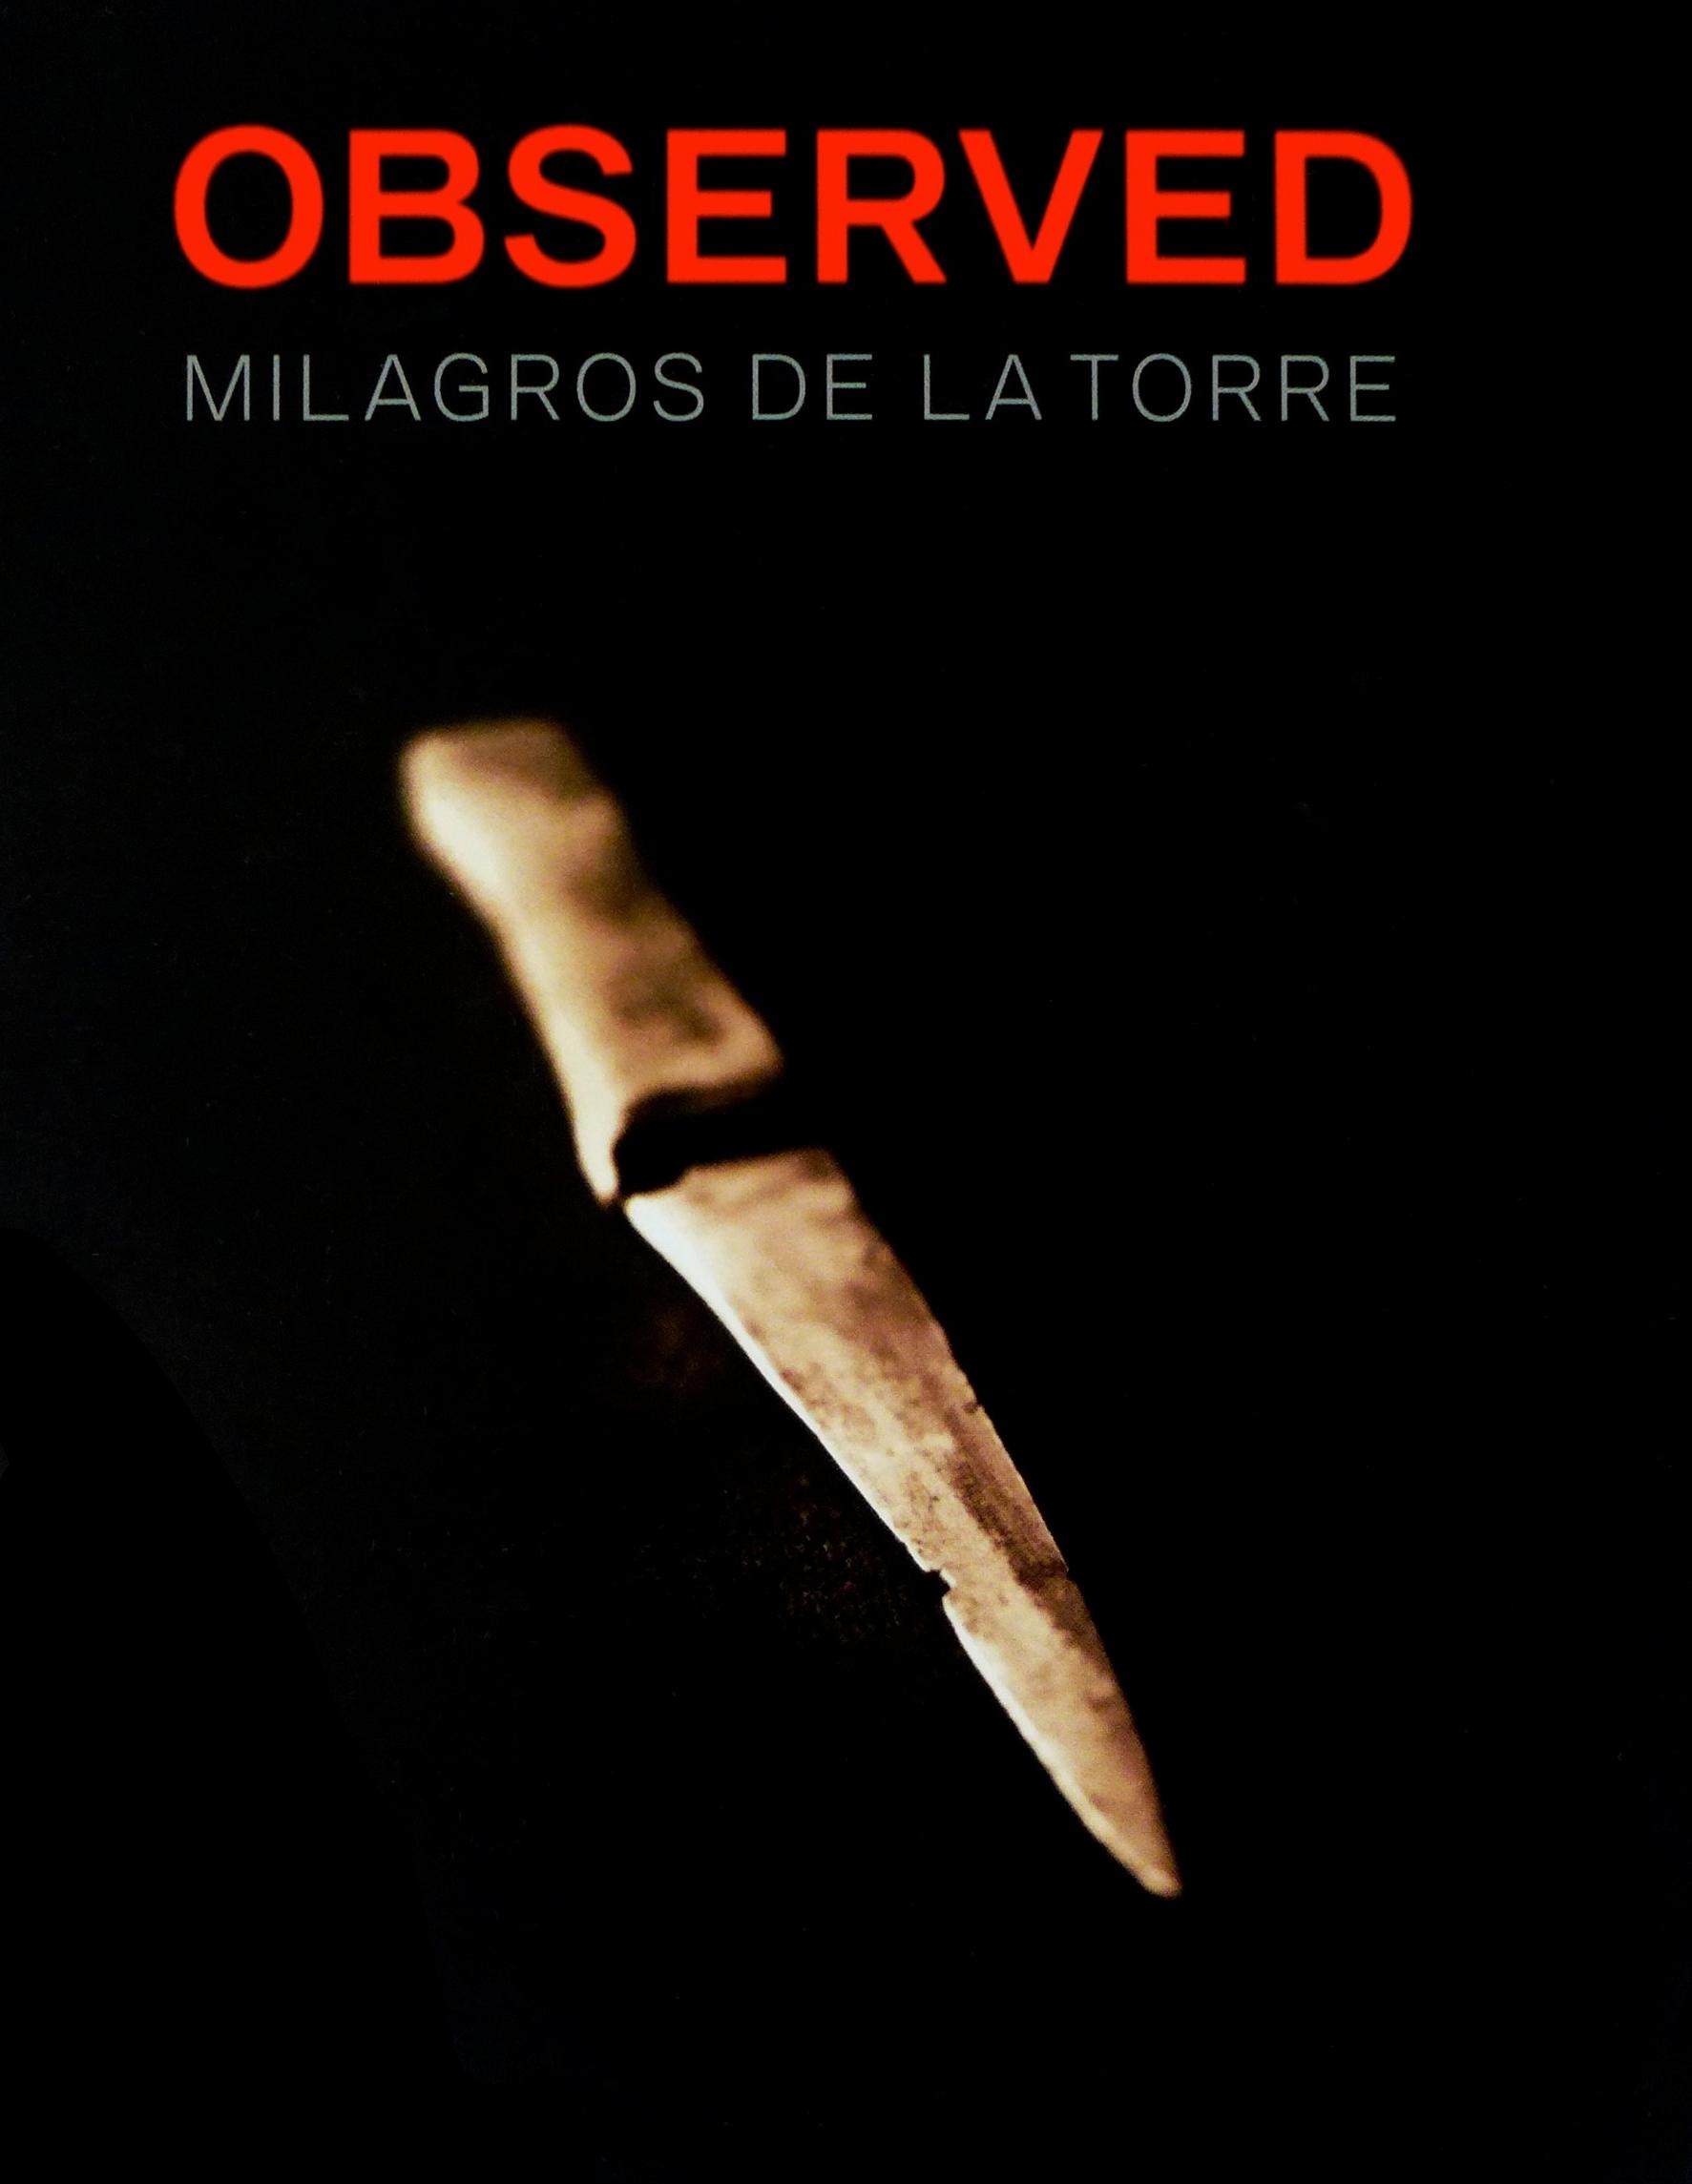 Observed: Milagros de la Torre  Indicios: Milagros de la Torre  Americas Society & Museo de Arte de Lima, MALI ISBN: 978-1-879128-41-5